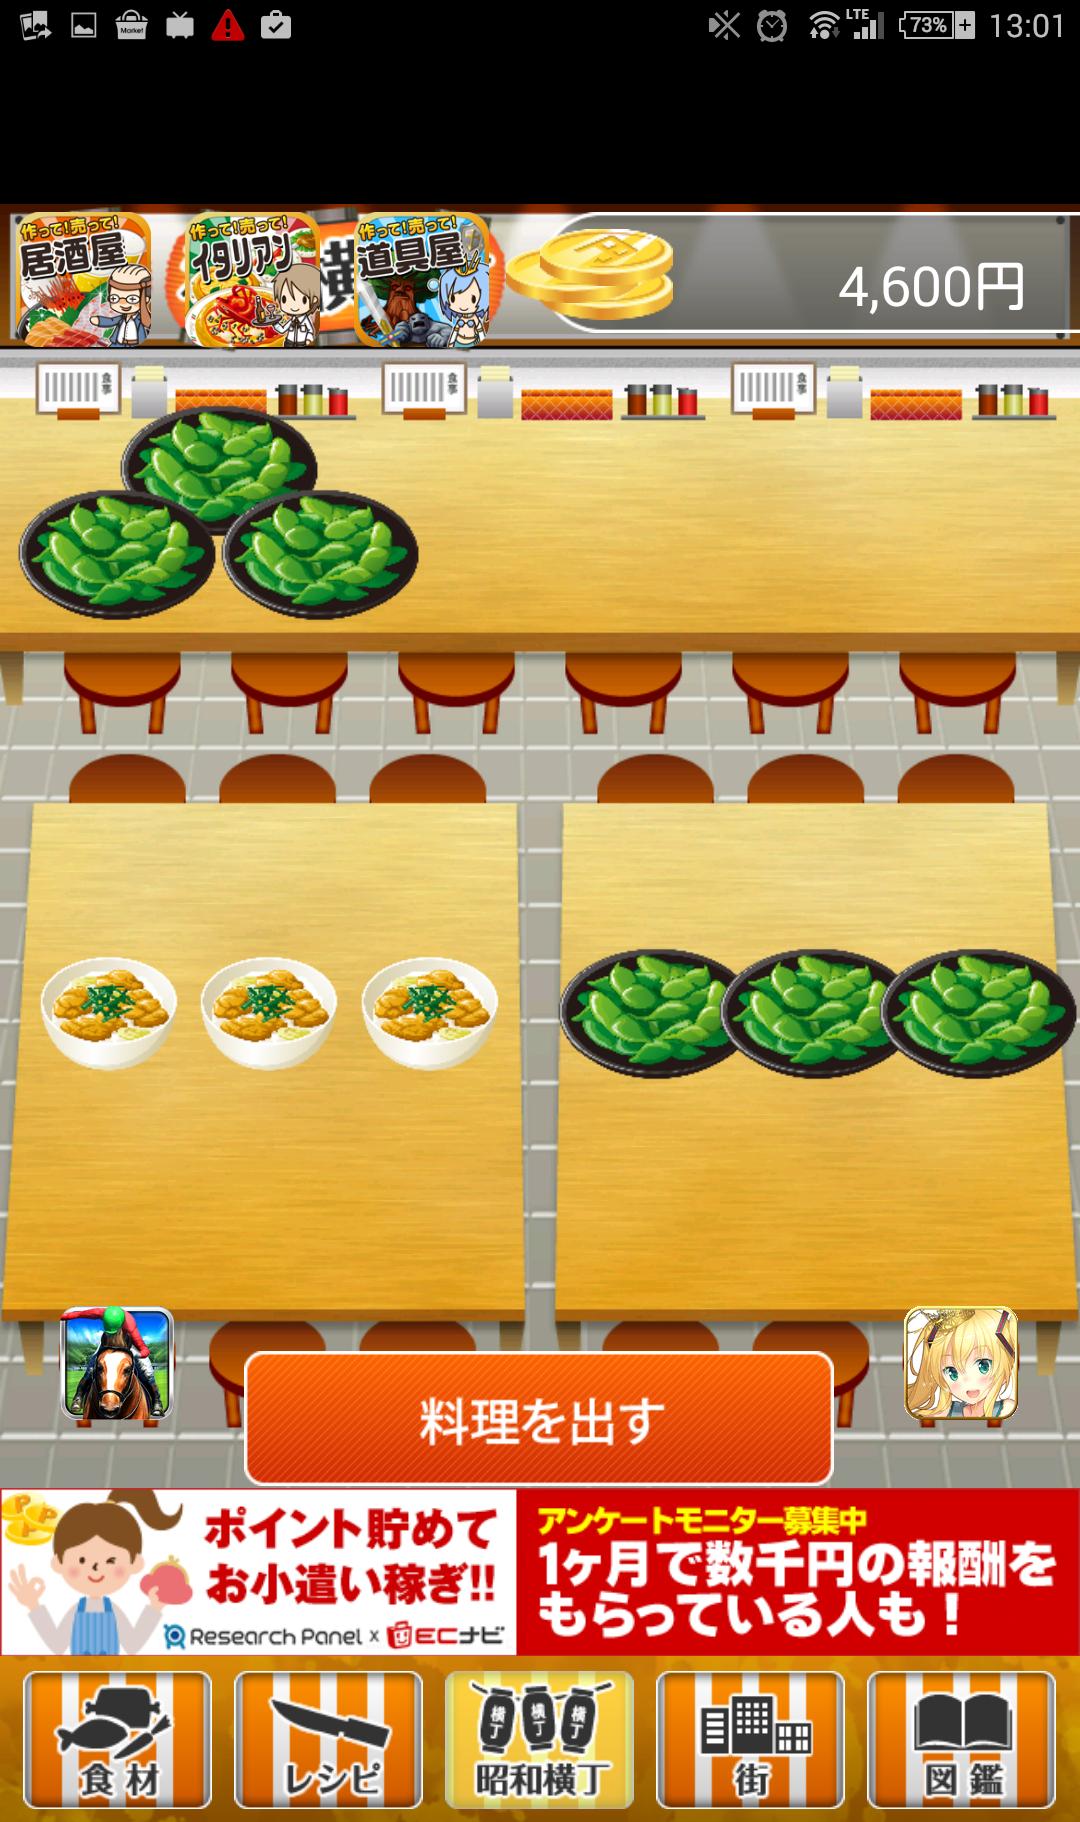 昭和食堂の達人 androidアプリスクリーンショット1